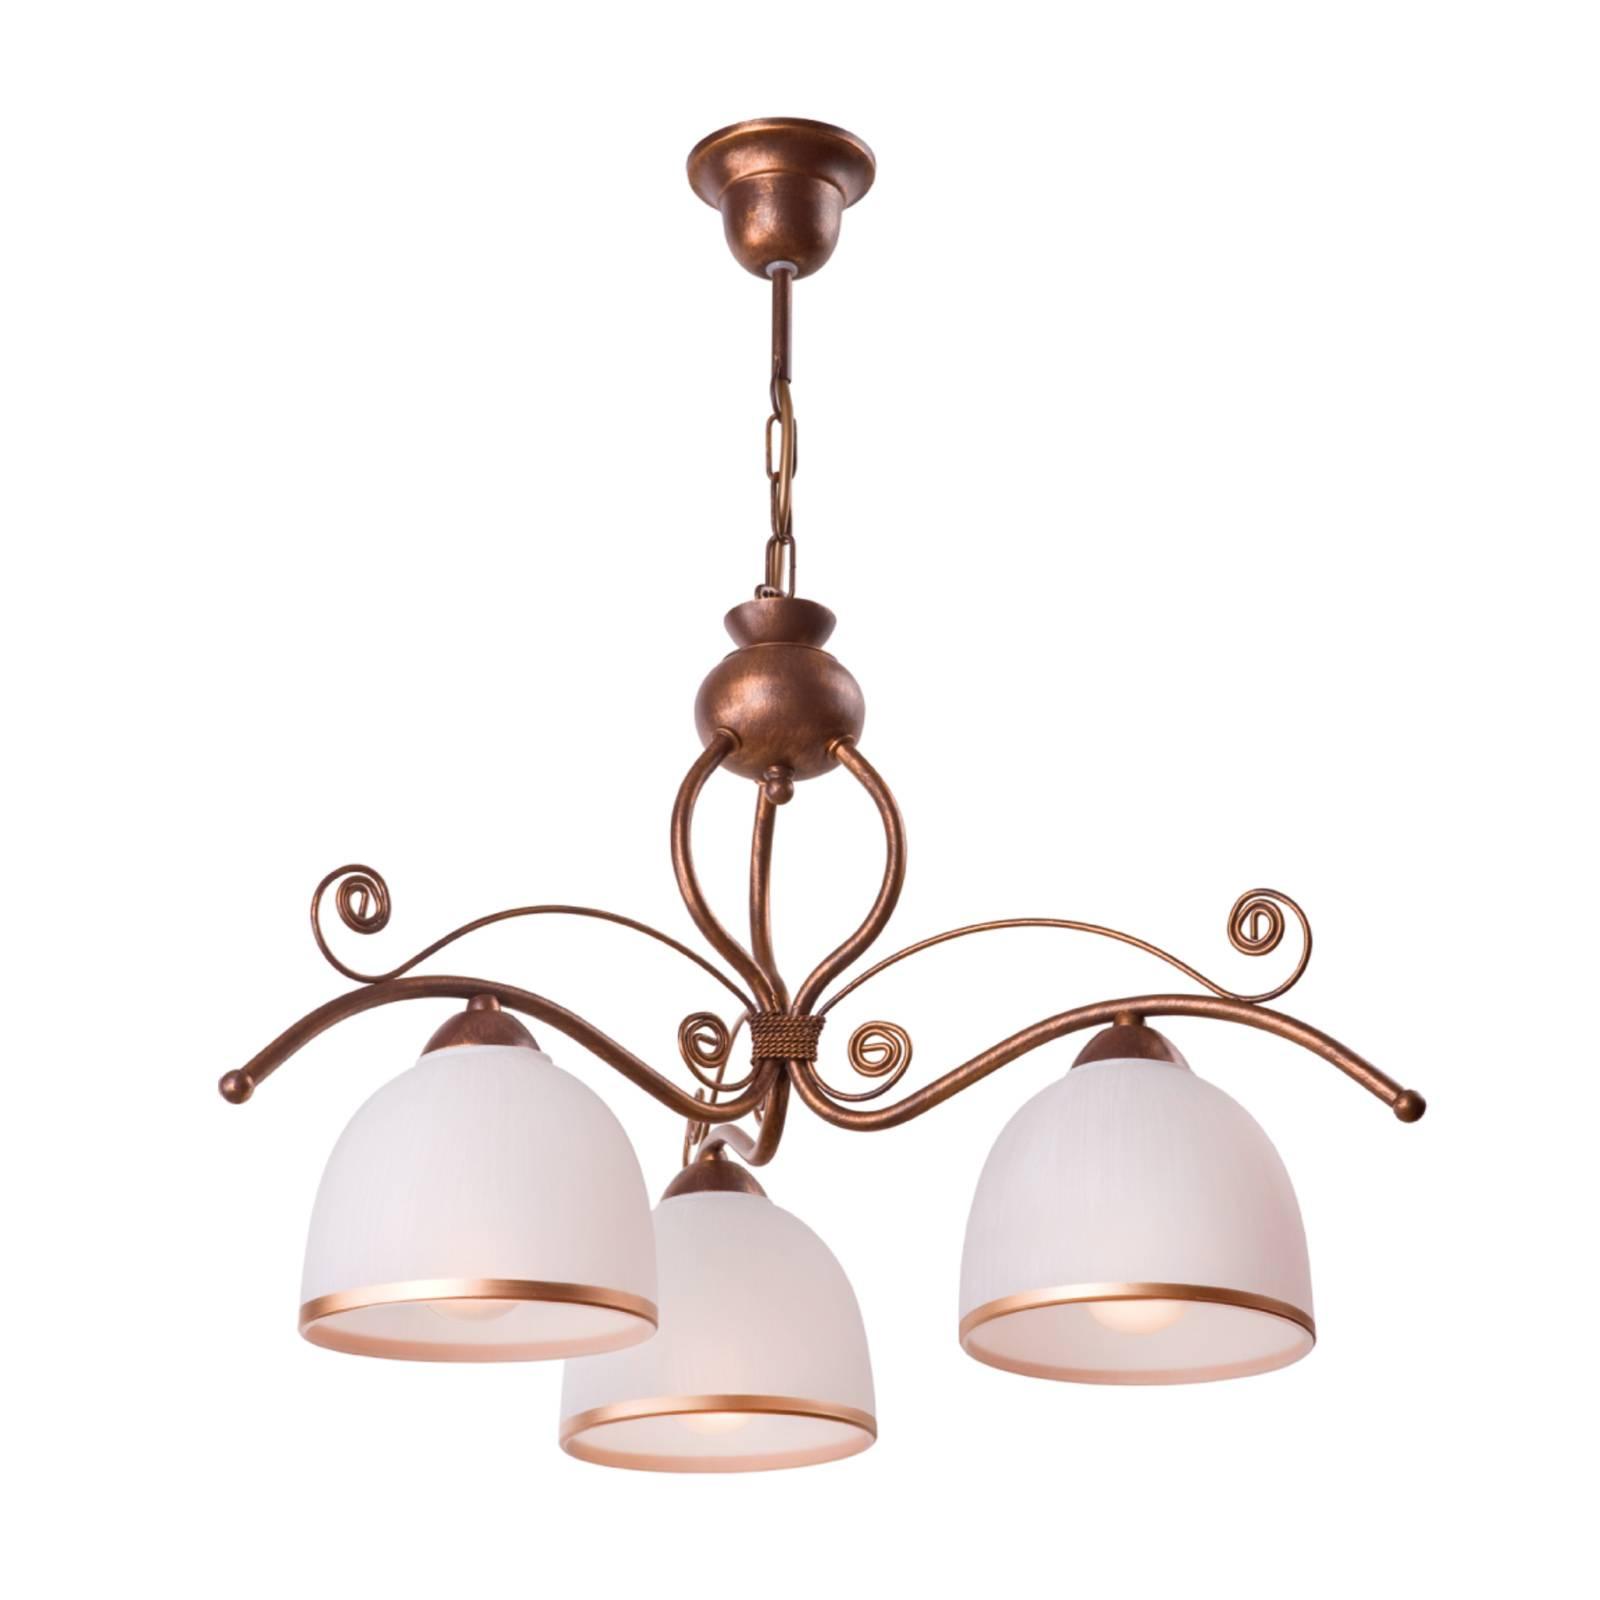 Suspension Roma en blanc et brun, à trois lampes